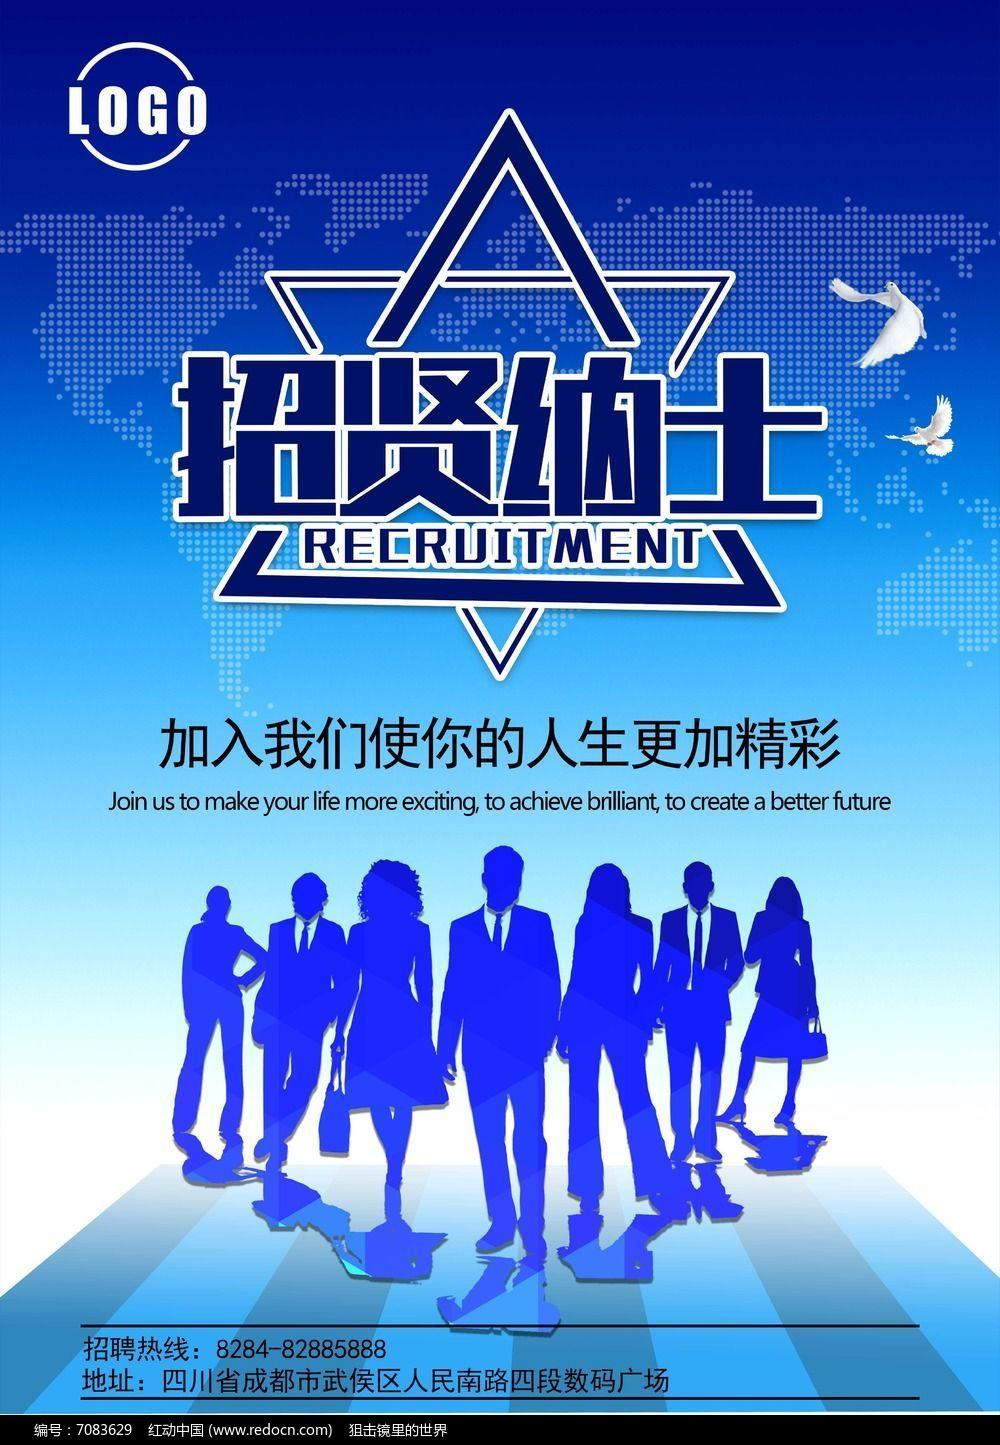 招贤纳士宣传招聘海报设计